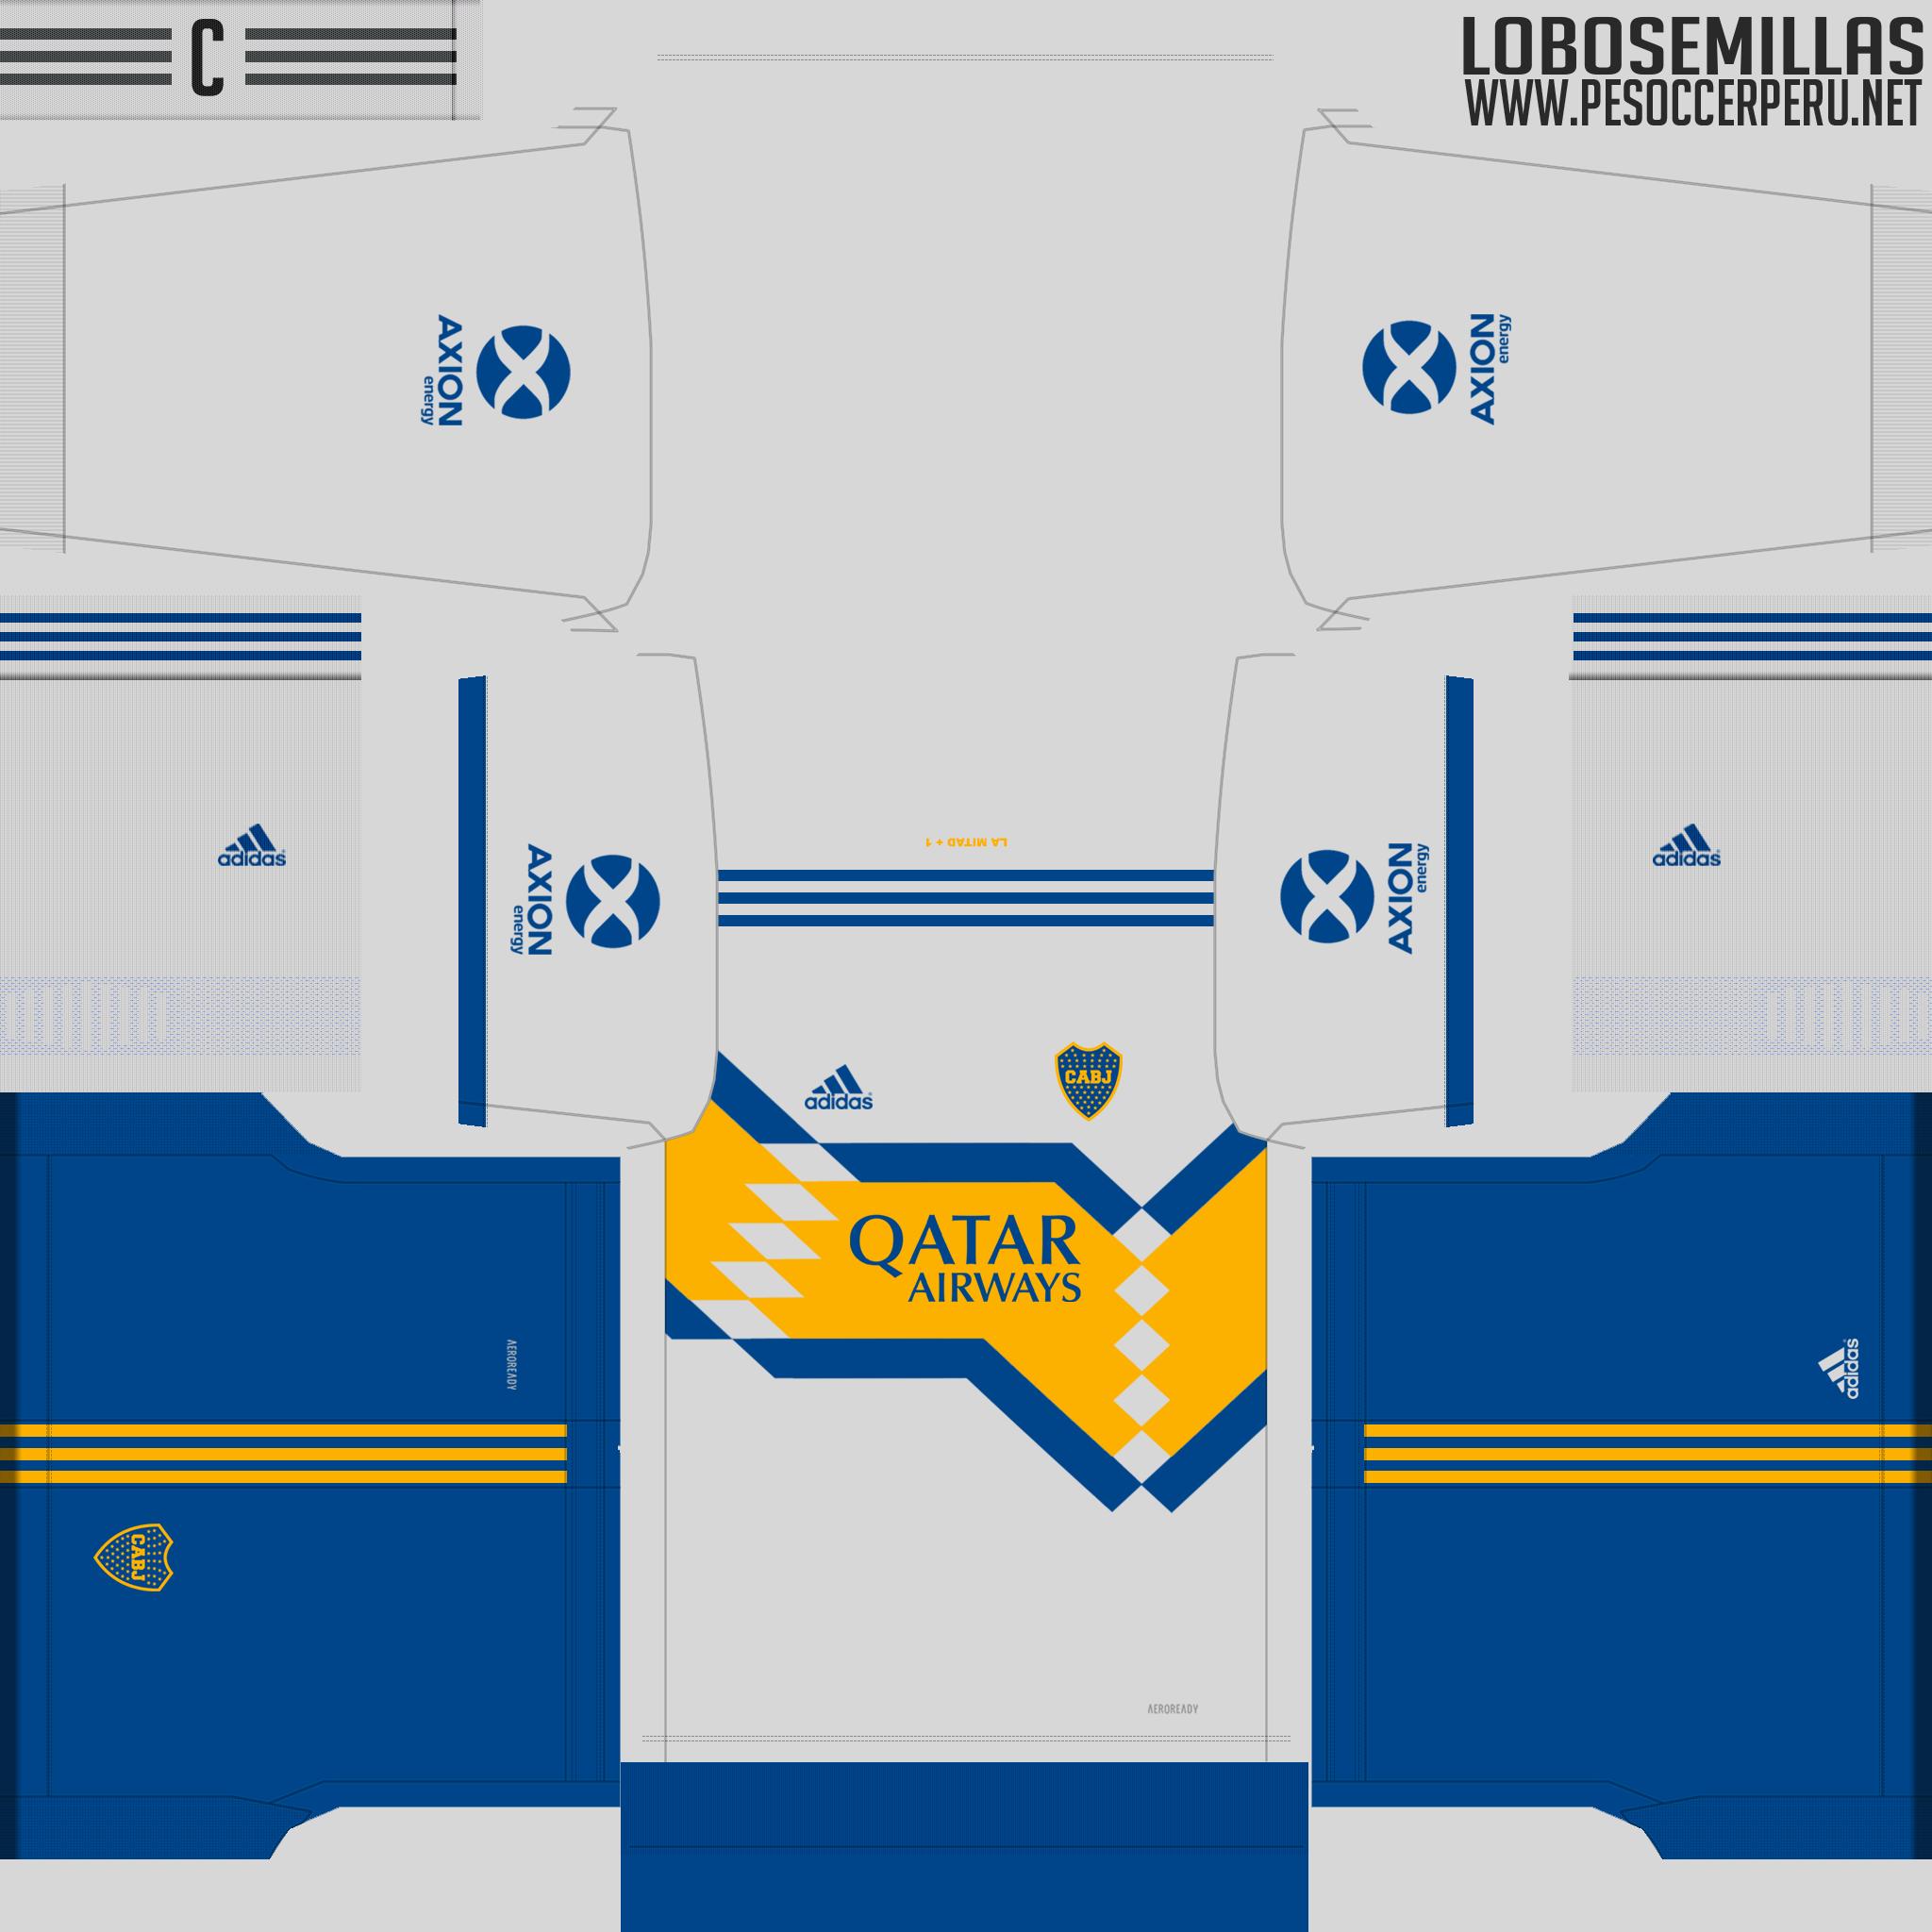 Tercera equipación Boca Juniors by Lobosemillas